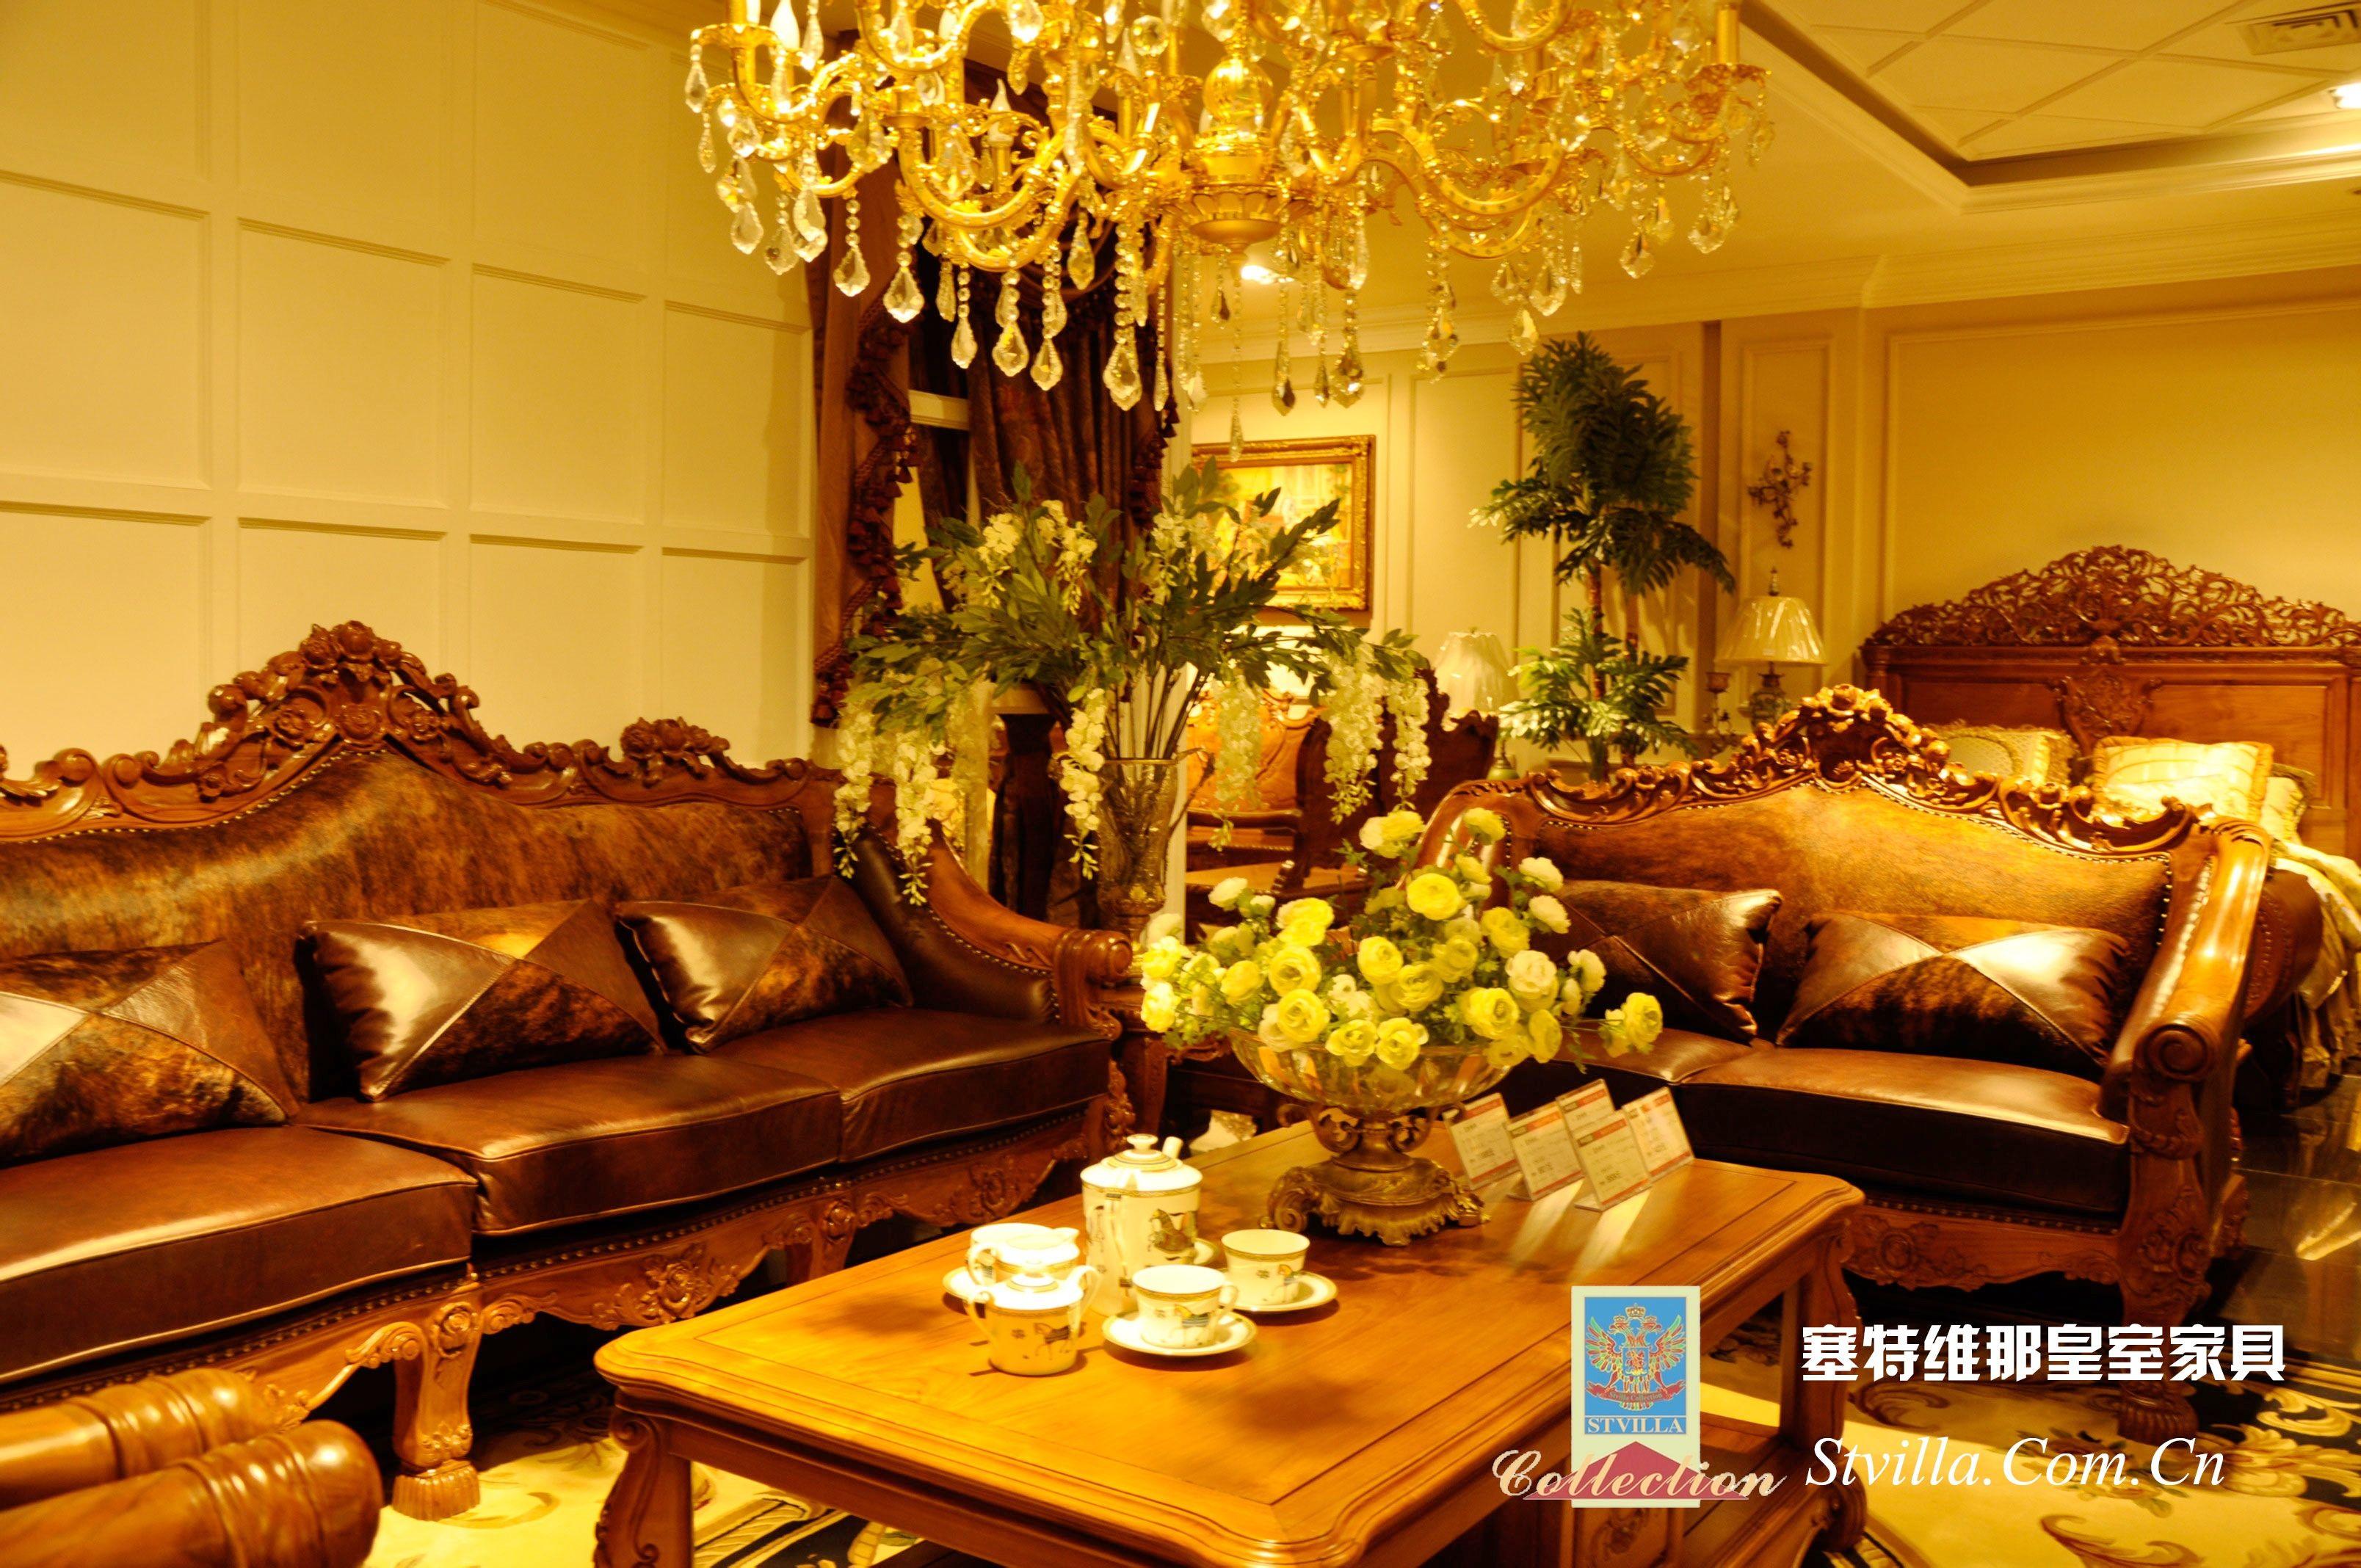 求欧式家具品牌的图片